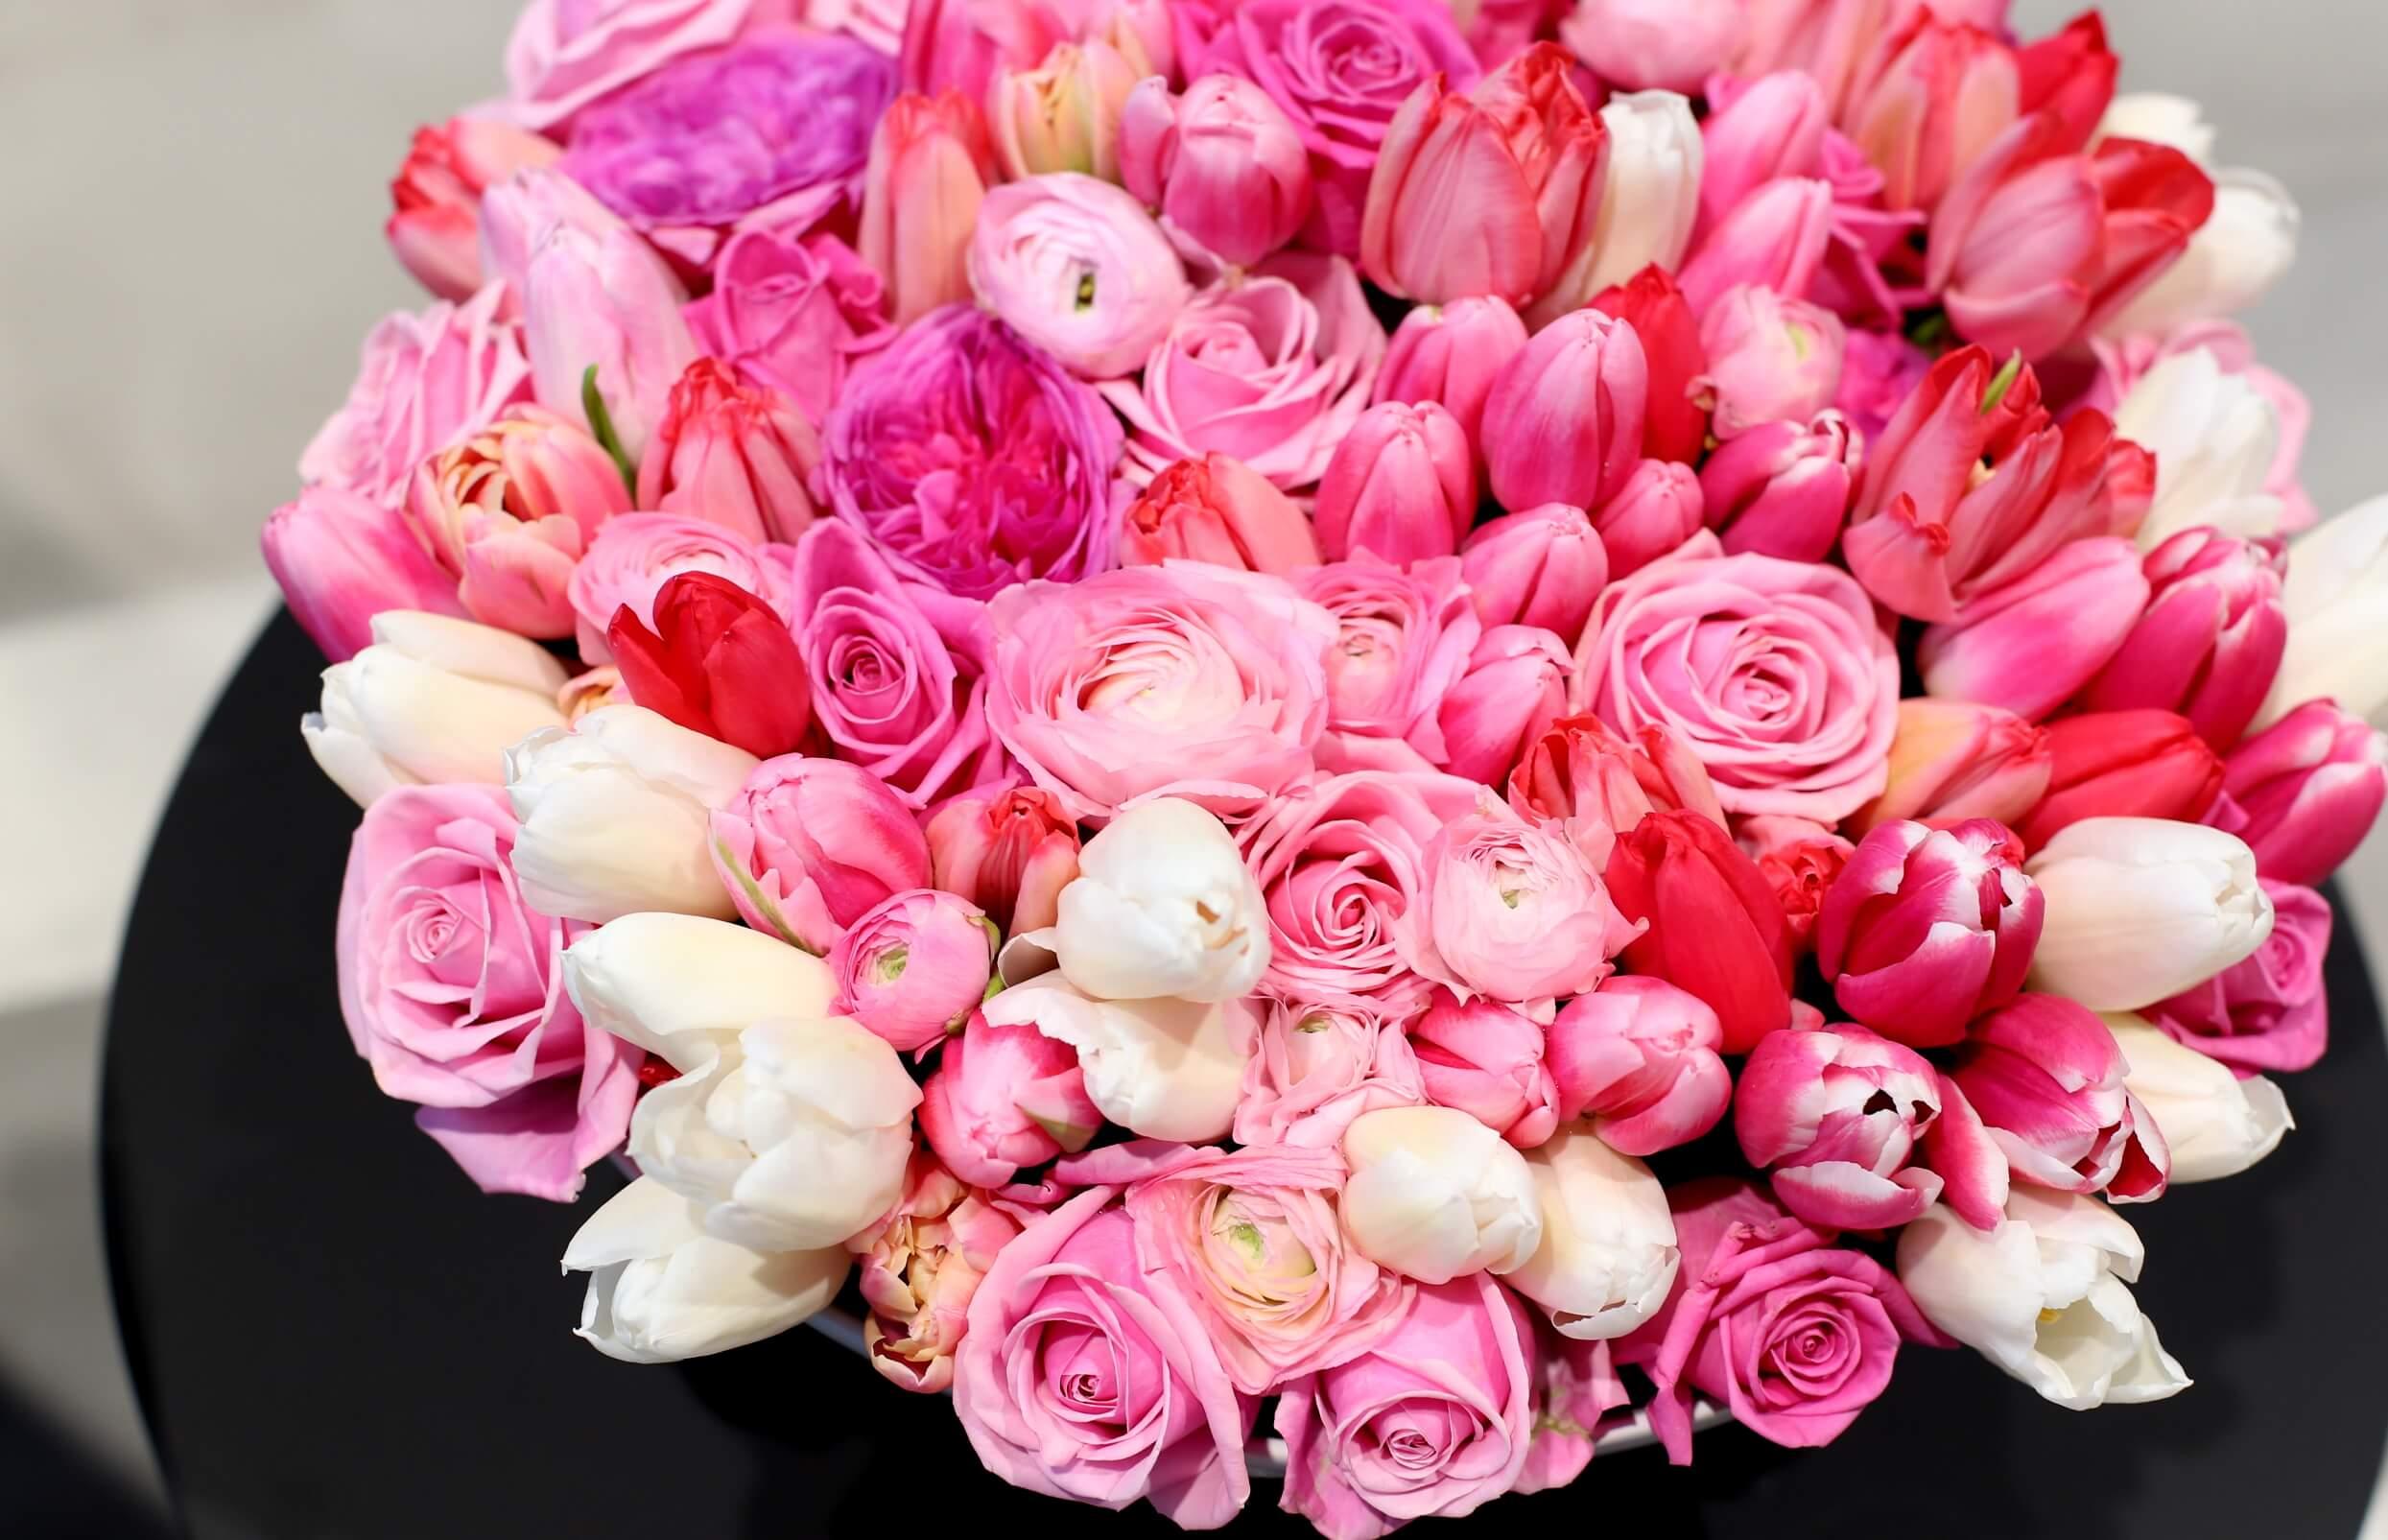 Pinkit tulppaanit ovat yhdessä ruusujen ja leinikkien kanssa matalassa asetelmassa.